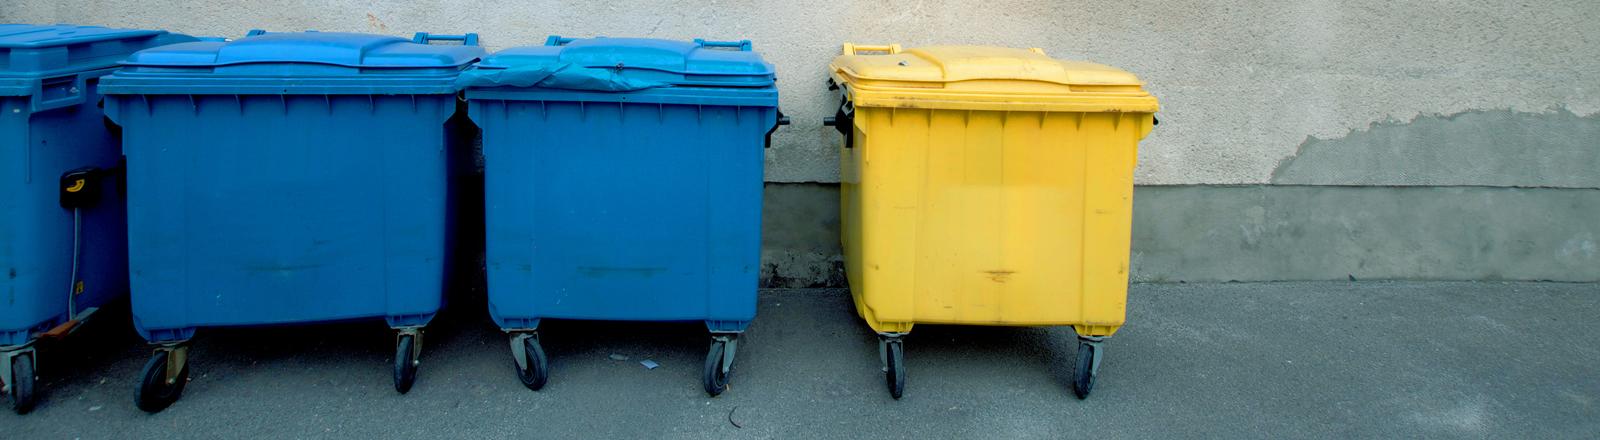 Drei blaue und ein gelber Müllcontainer